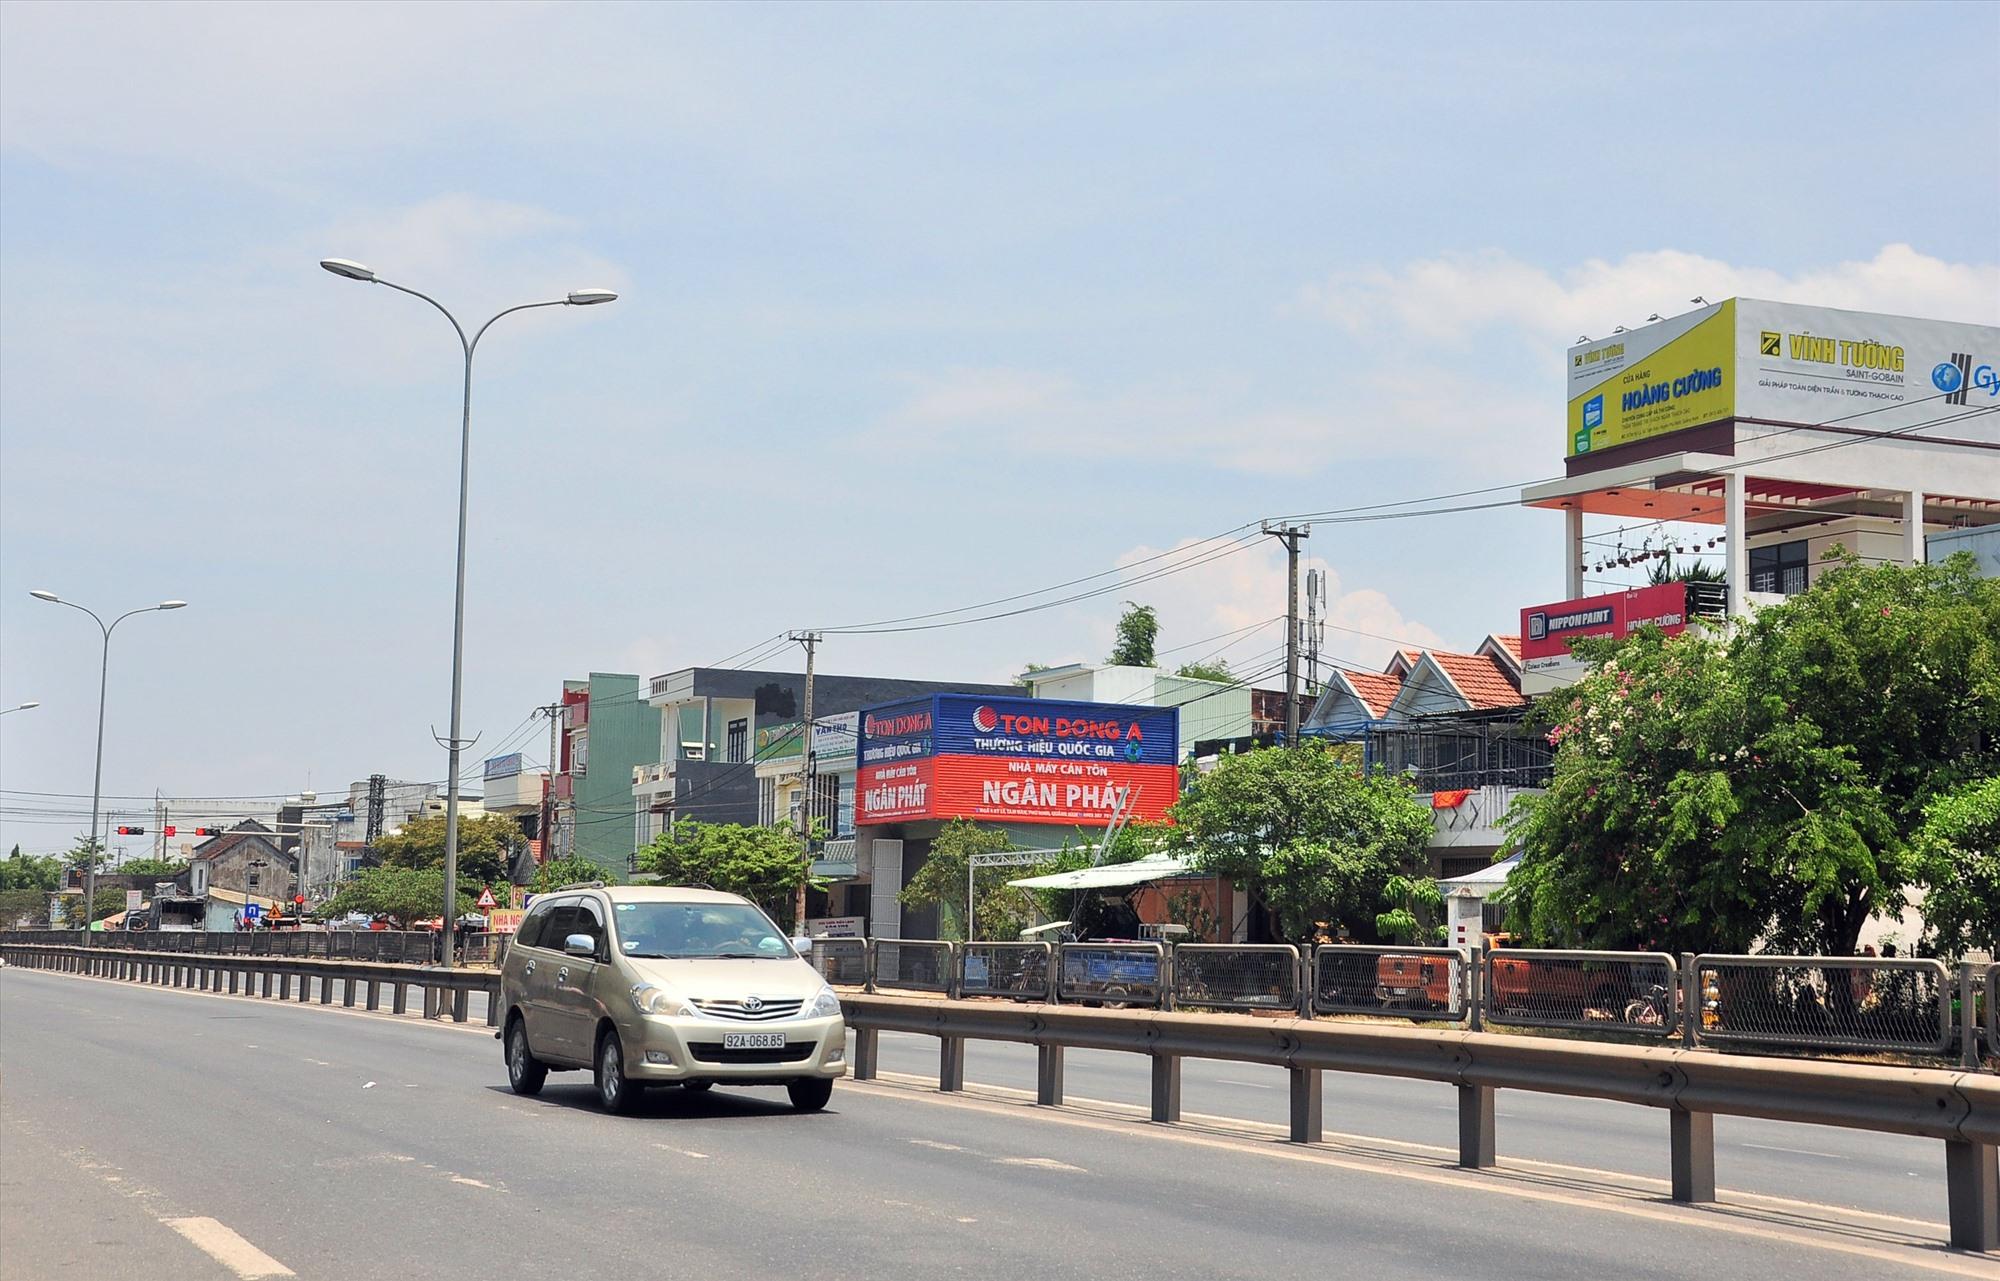 Là cửa ngõ của TP.Tam Kỳ, xã Tam Đàn đang có sự phát triển nhanh chóng với điểm nhấn về công nghiệp - xây dựng và thương mại - dịch vụ. Ảnh: VINH ANH